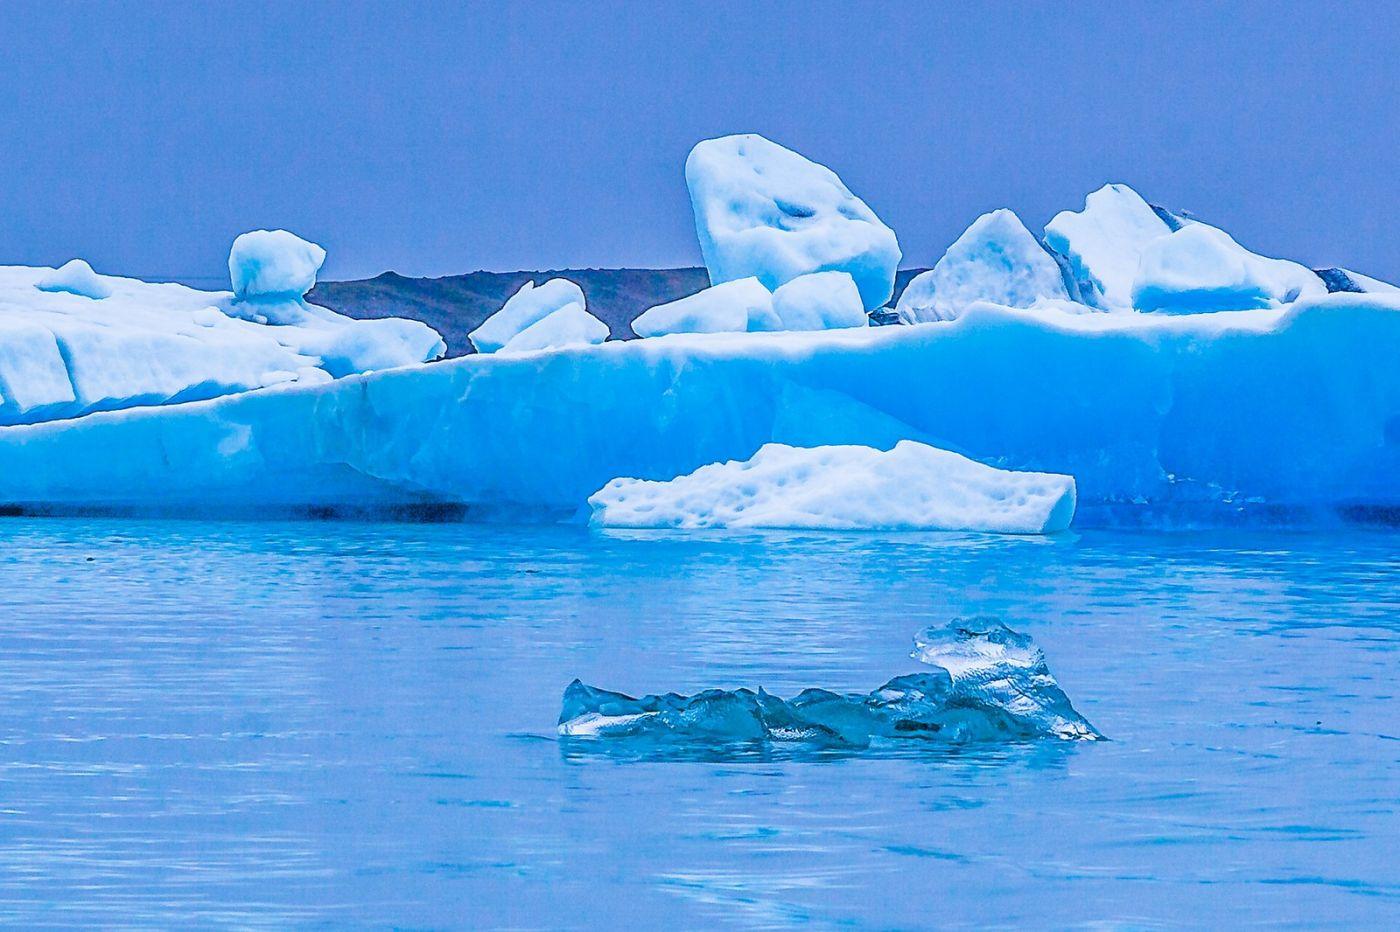 冰岛冰川泻湖(Glacier Lagoon),自然雕塑_图1-14